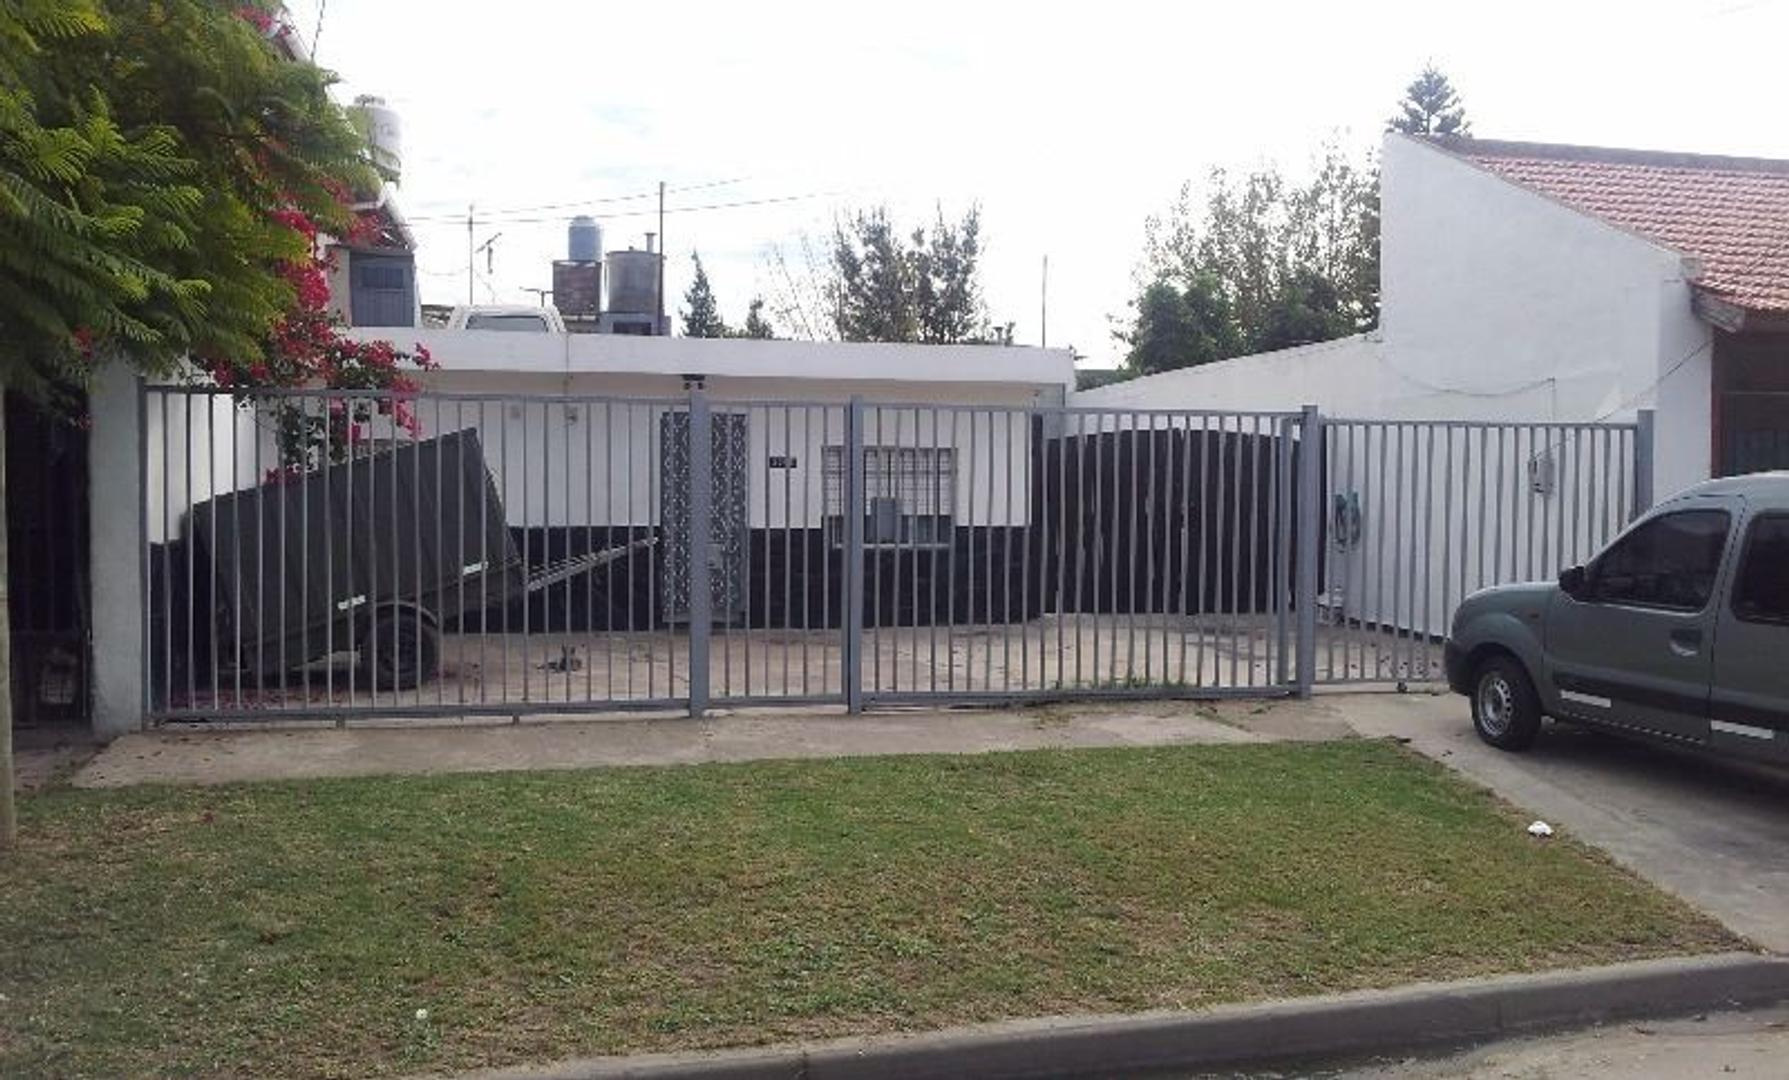 Casa En Venta - RIVADAVIA al 3300, Lanus Oeste (Caraza) - US$ 90.000 - 3 ambientes